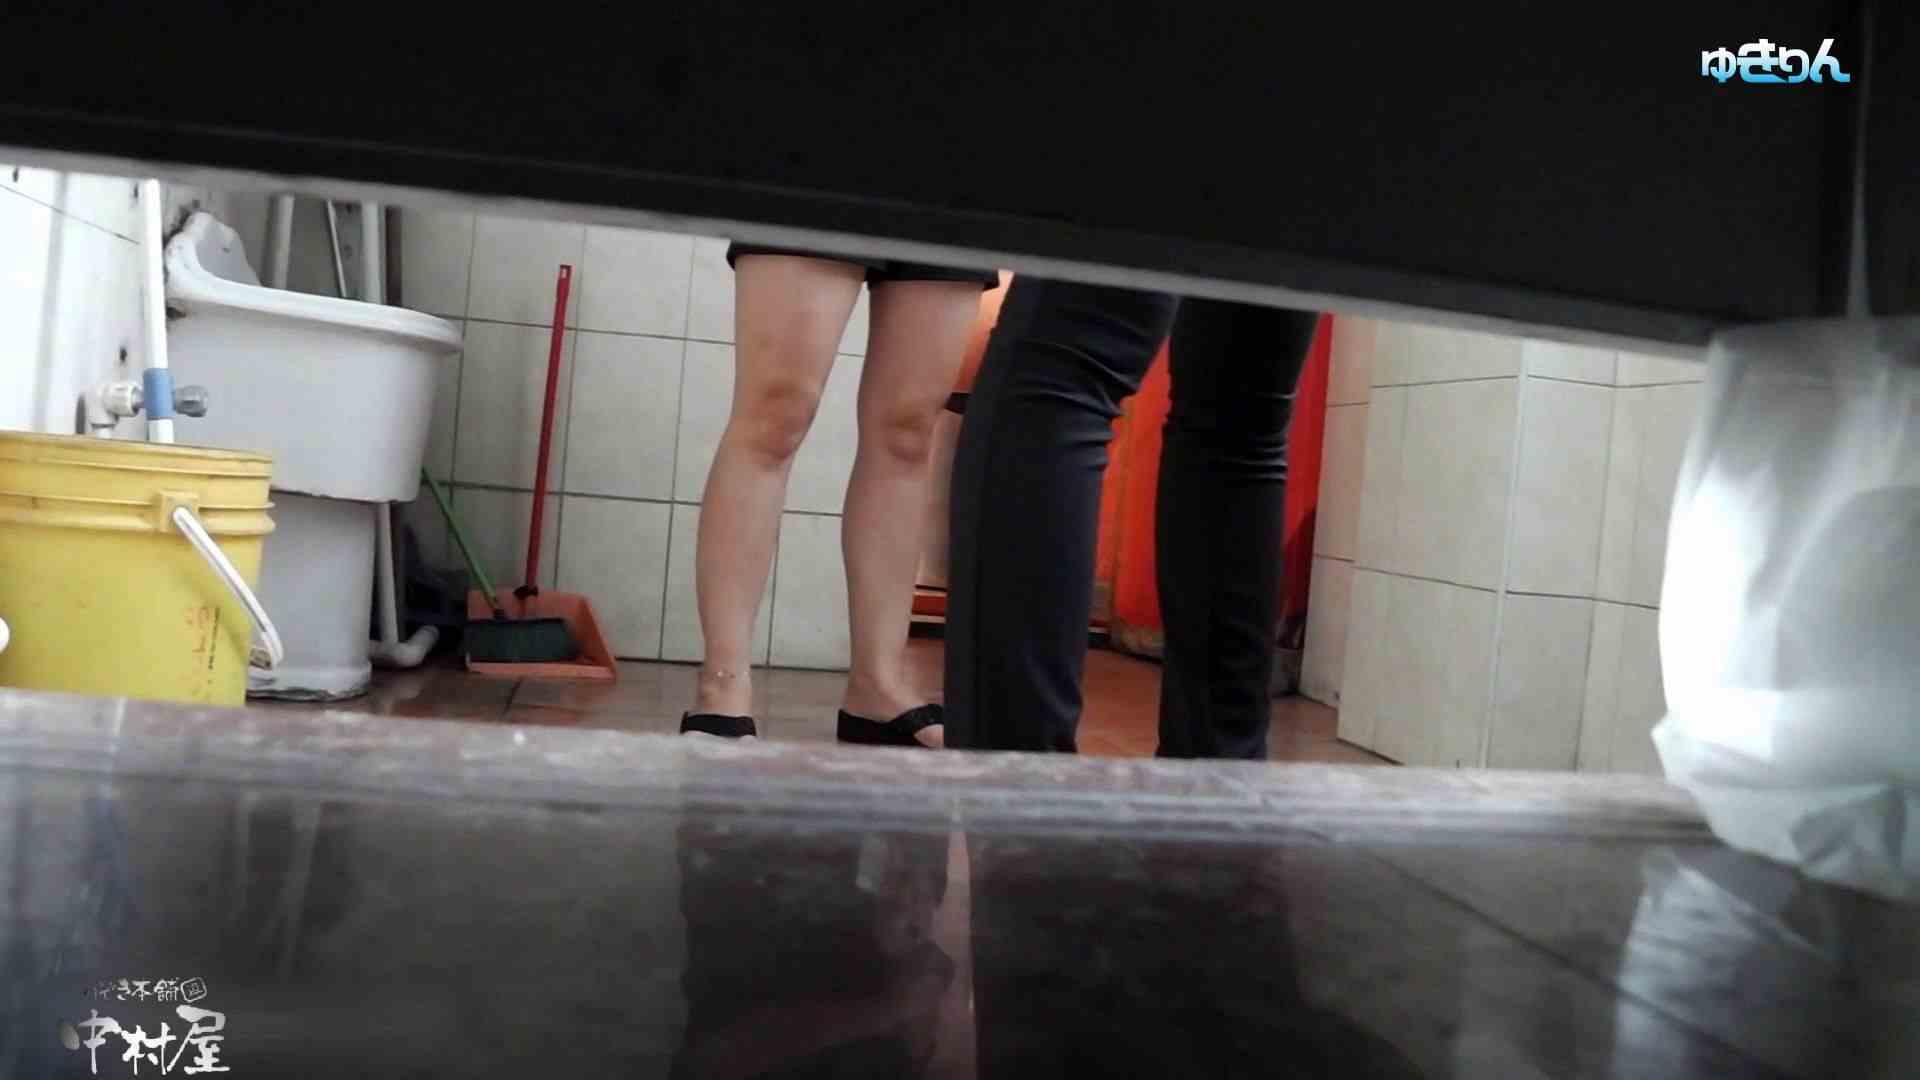 世界の射窓から~ステーション編 vol60 ユキリン粘着撮り!!今回はタイトなパンツが似合う美女 0 | 0  82pic 73